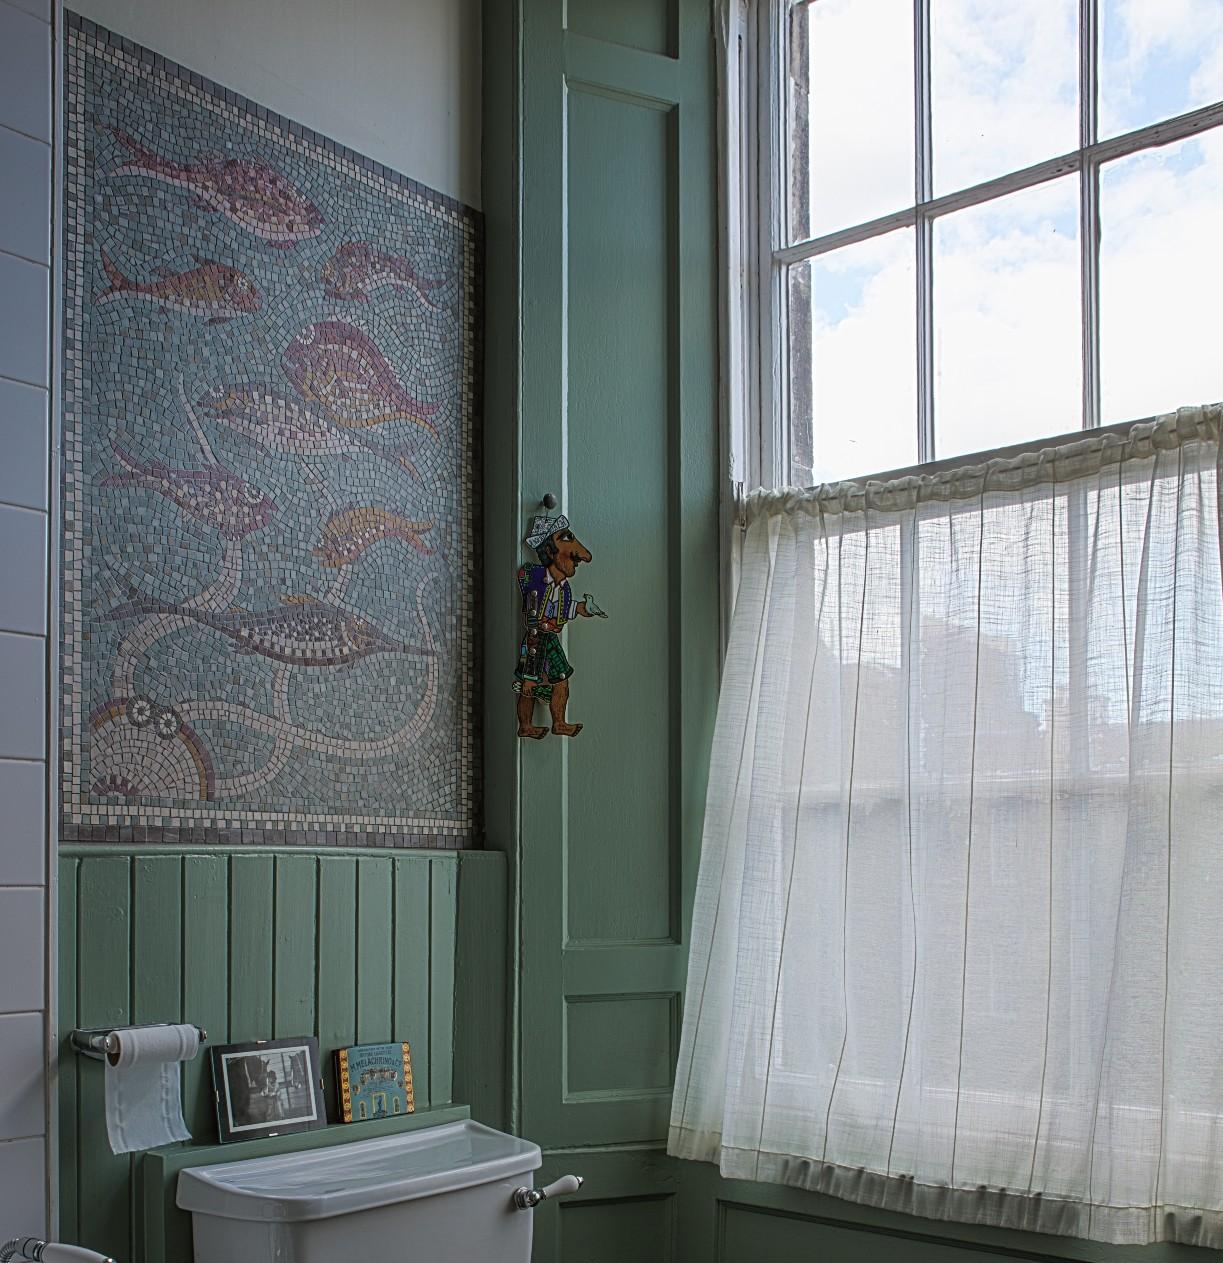 Bathroom fish mural